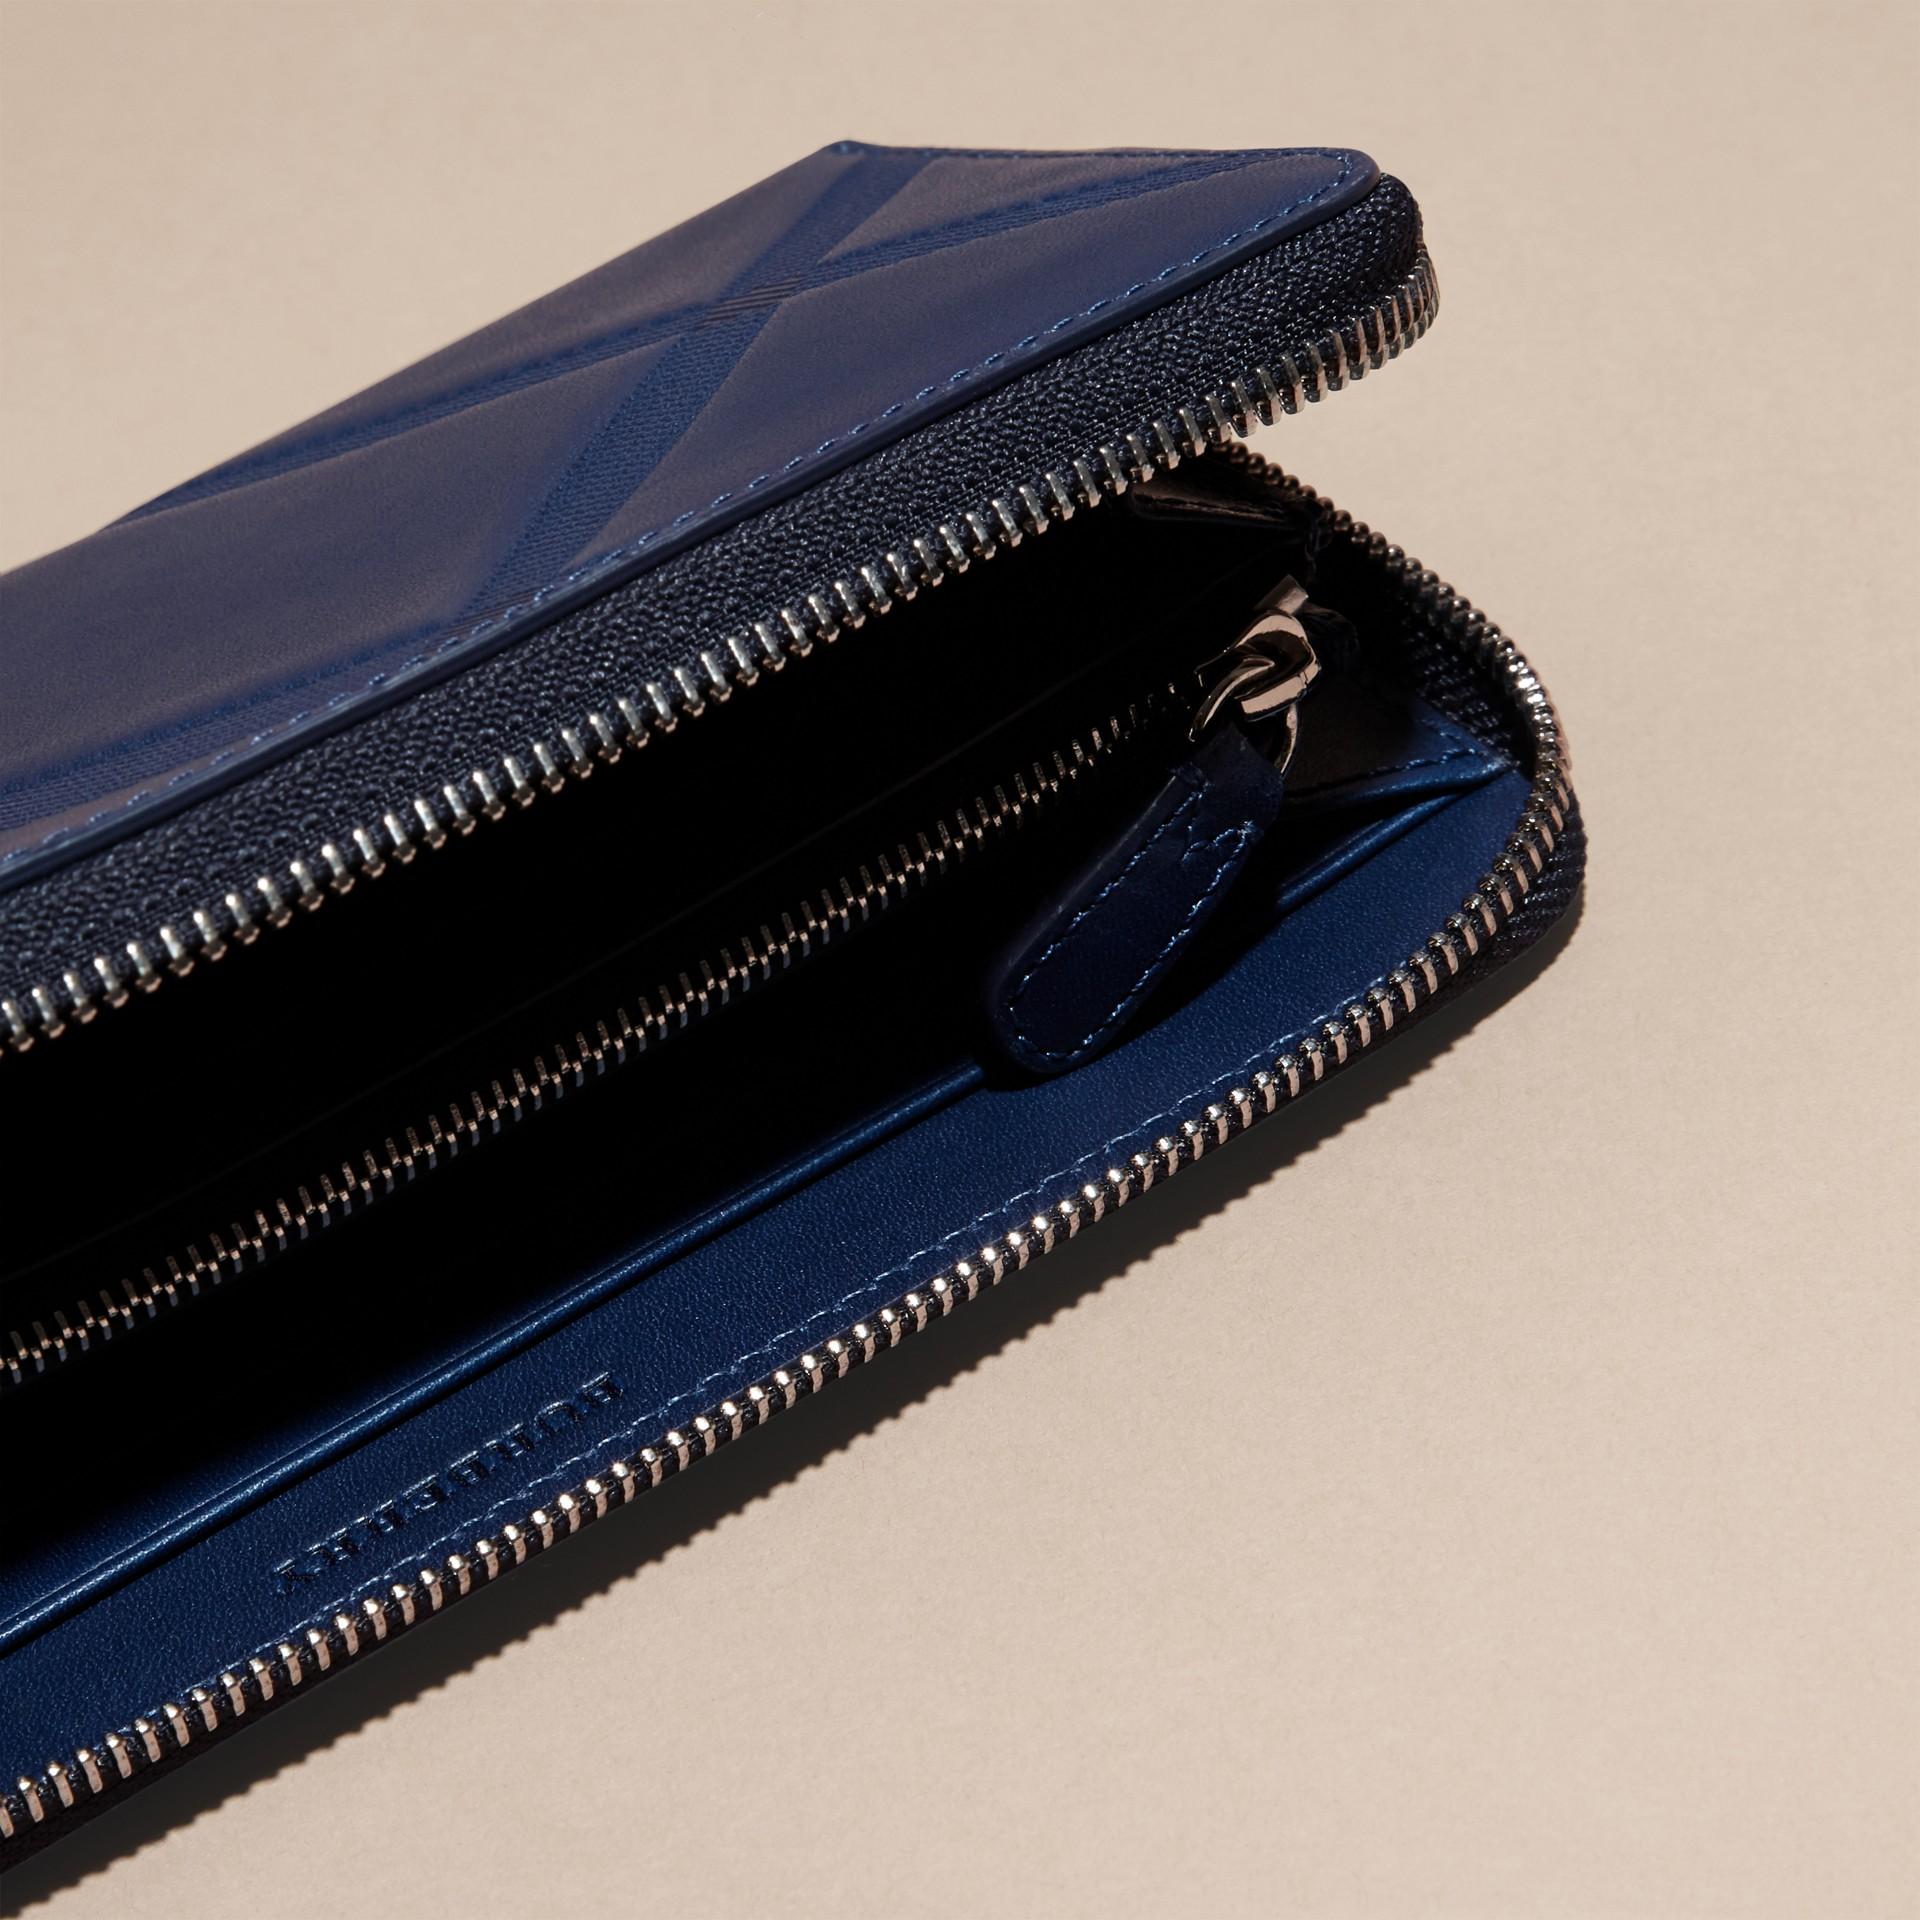 Blu lapislazzulo Portafoglio in pelle con motivo check in rilievo e cerniera su tre lati Blu Lapislazzulo - immagine della galleria 5